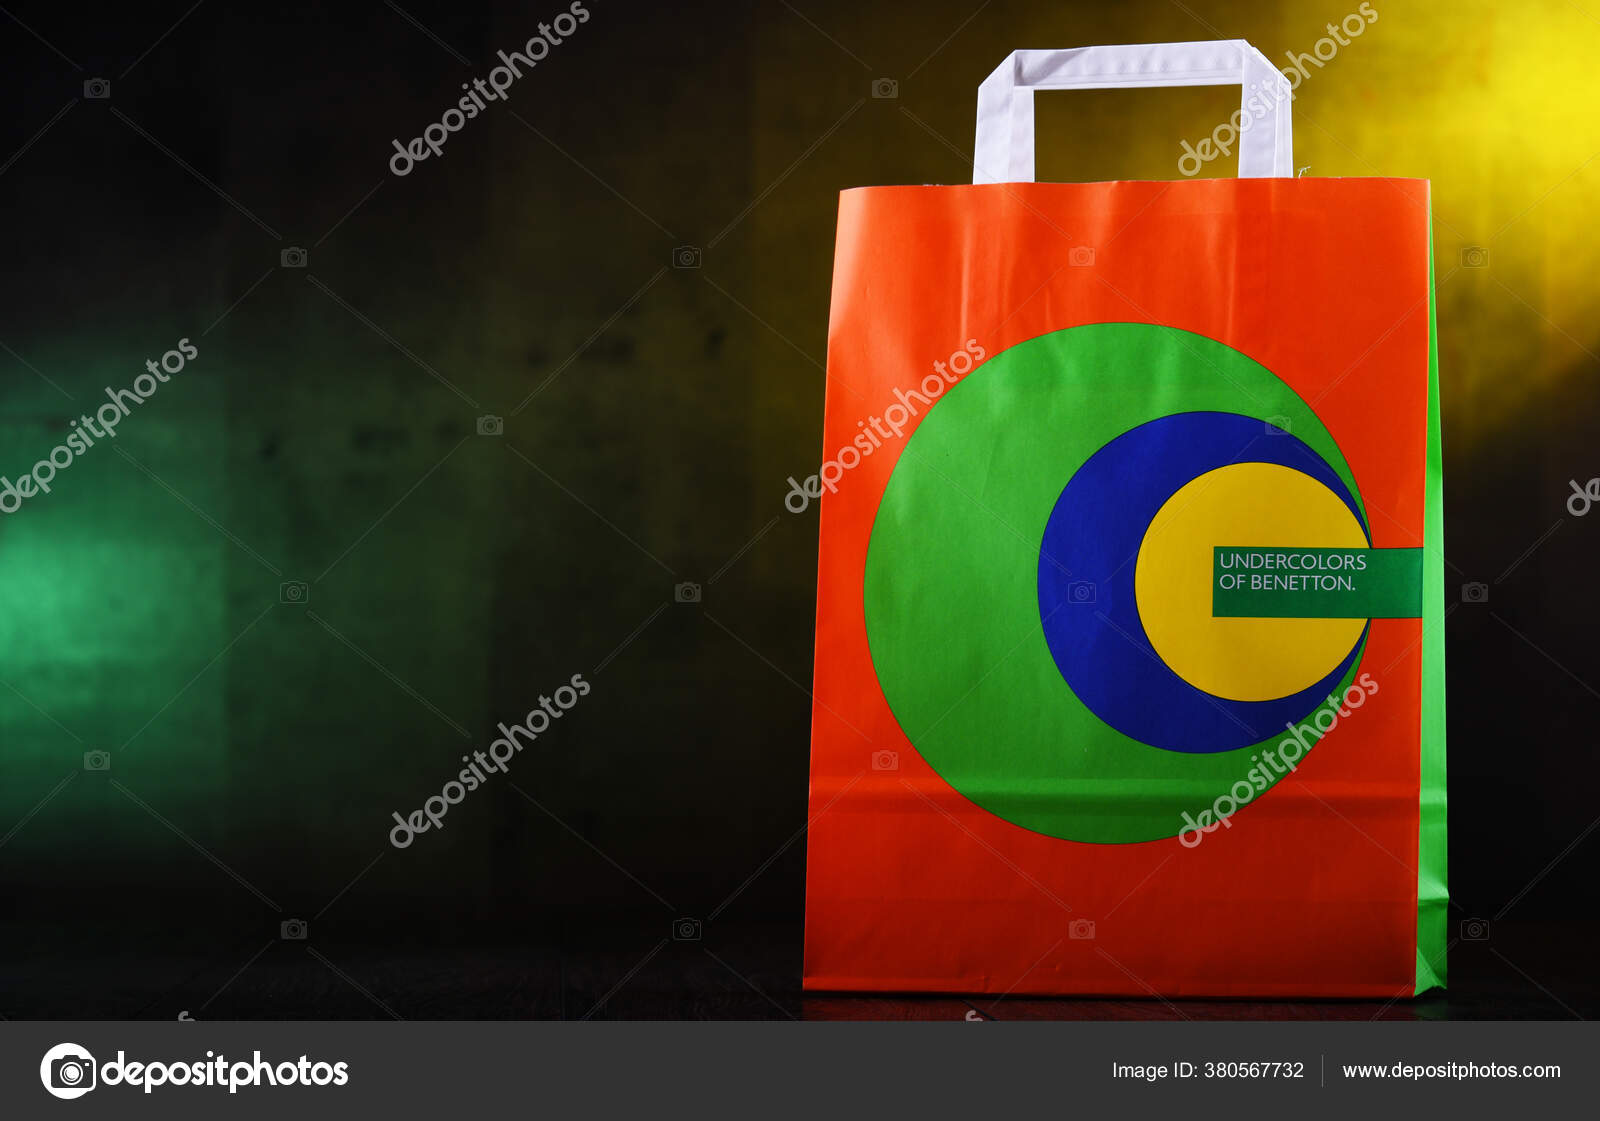 Fotos de Colores unidos de benetton de stock, imágenes de Colores unidos de  benetton sin royalties | Depositphotos